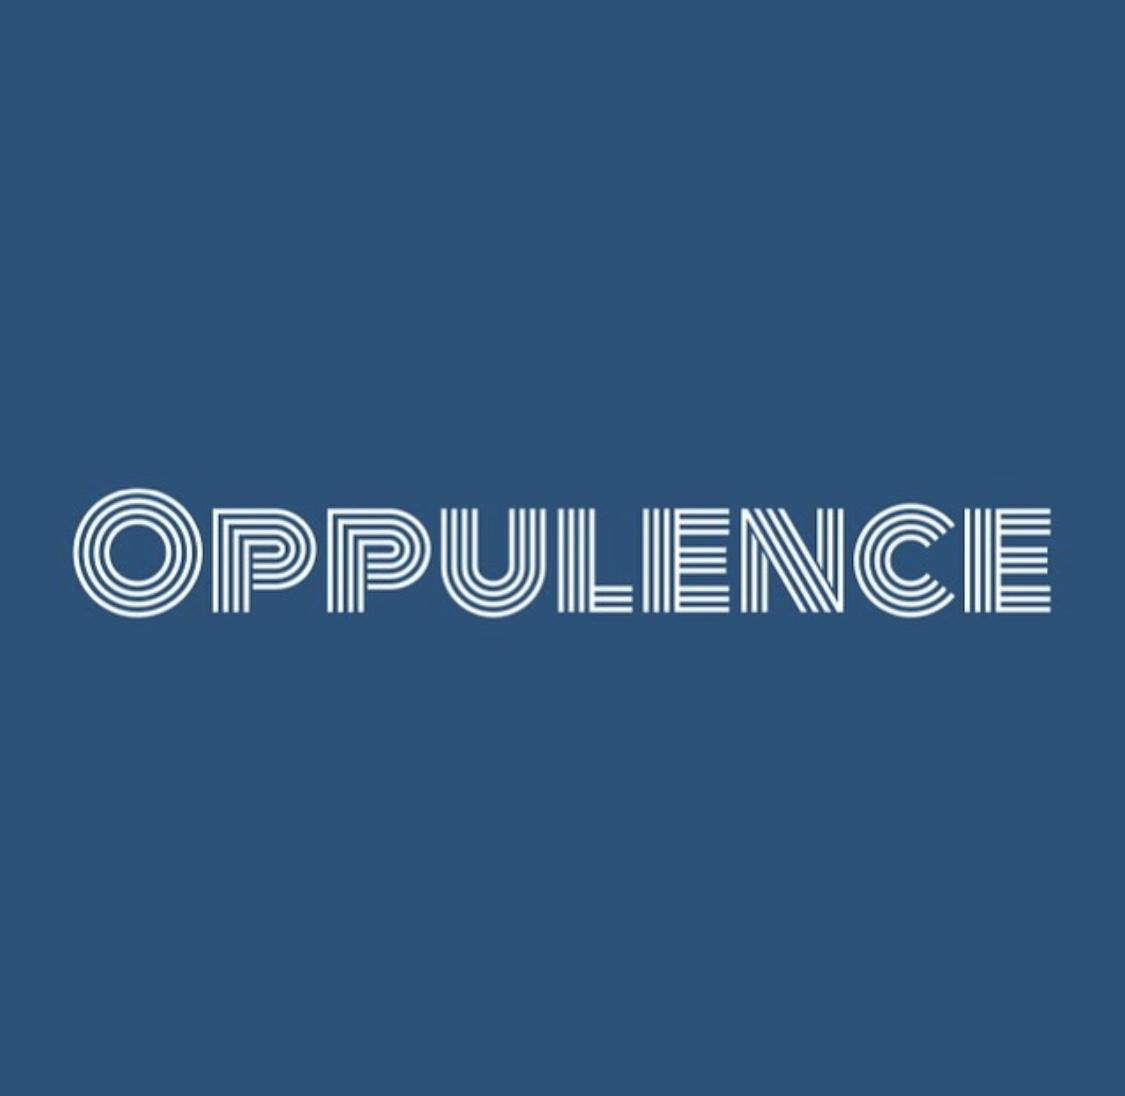 Oppulence